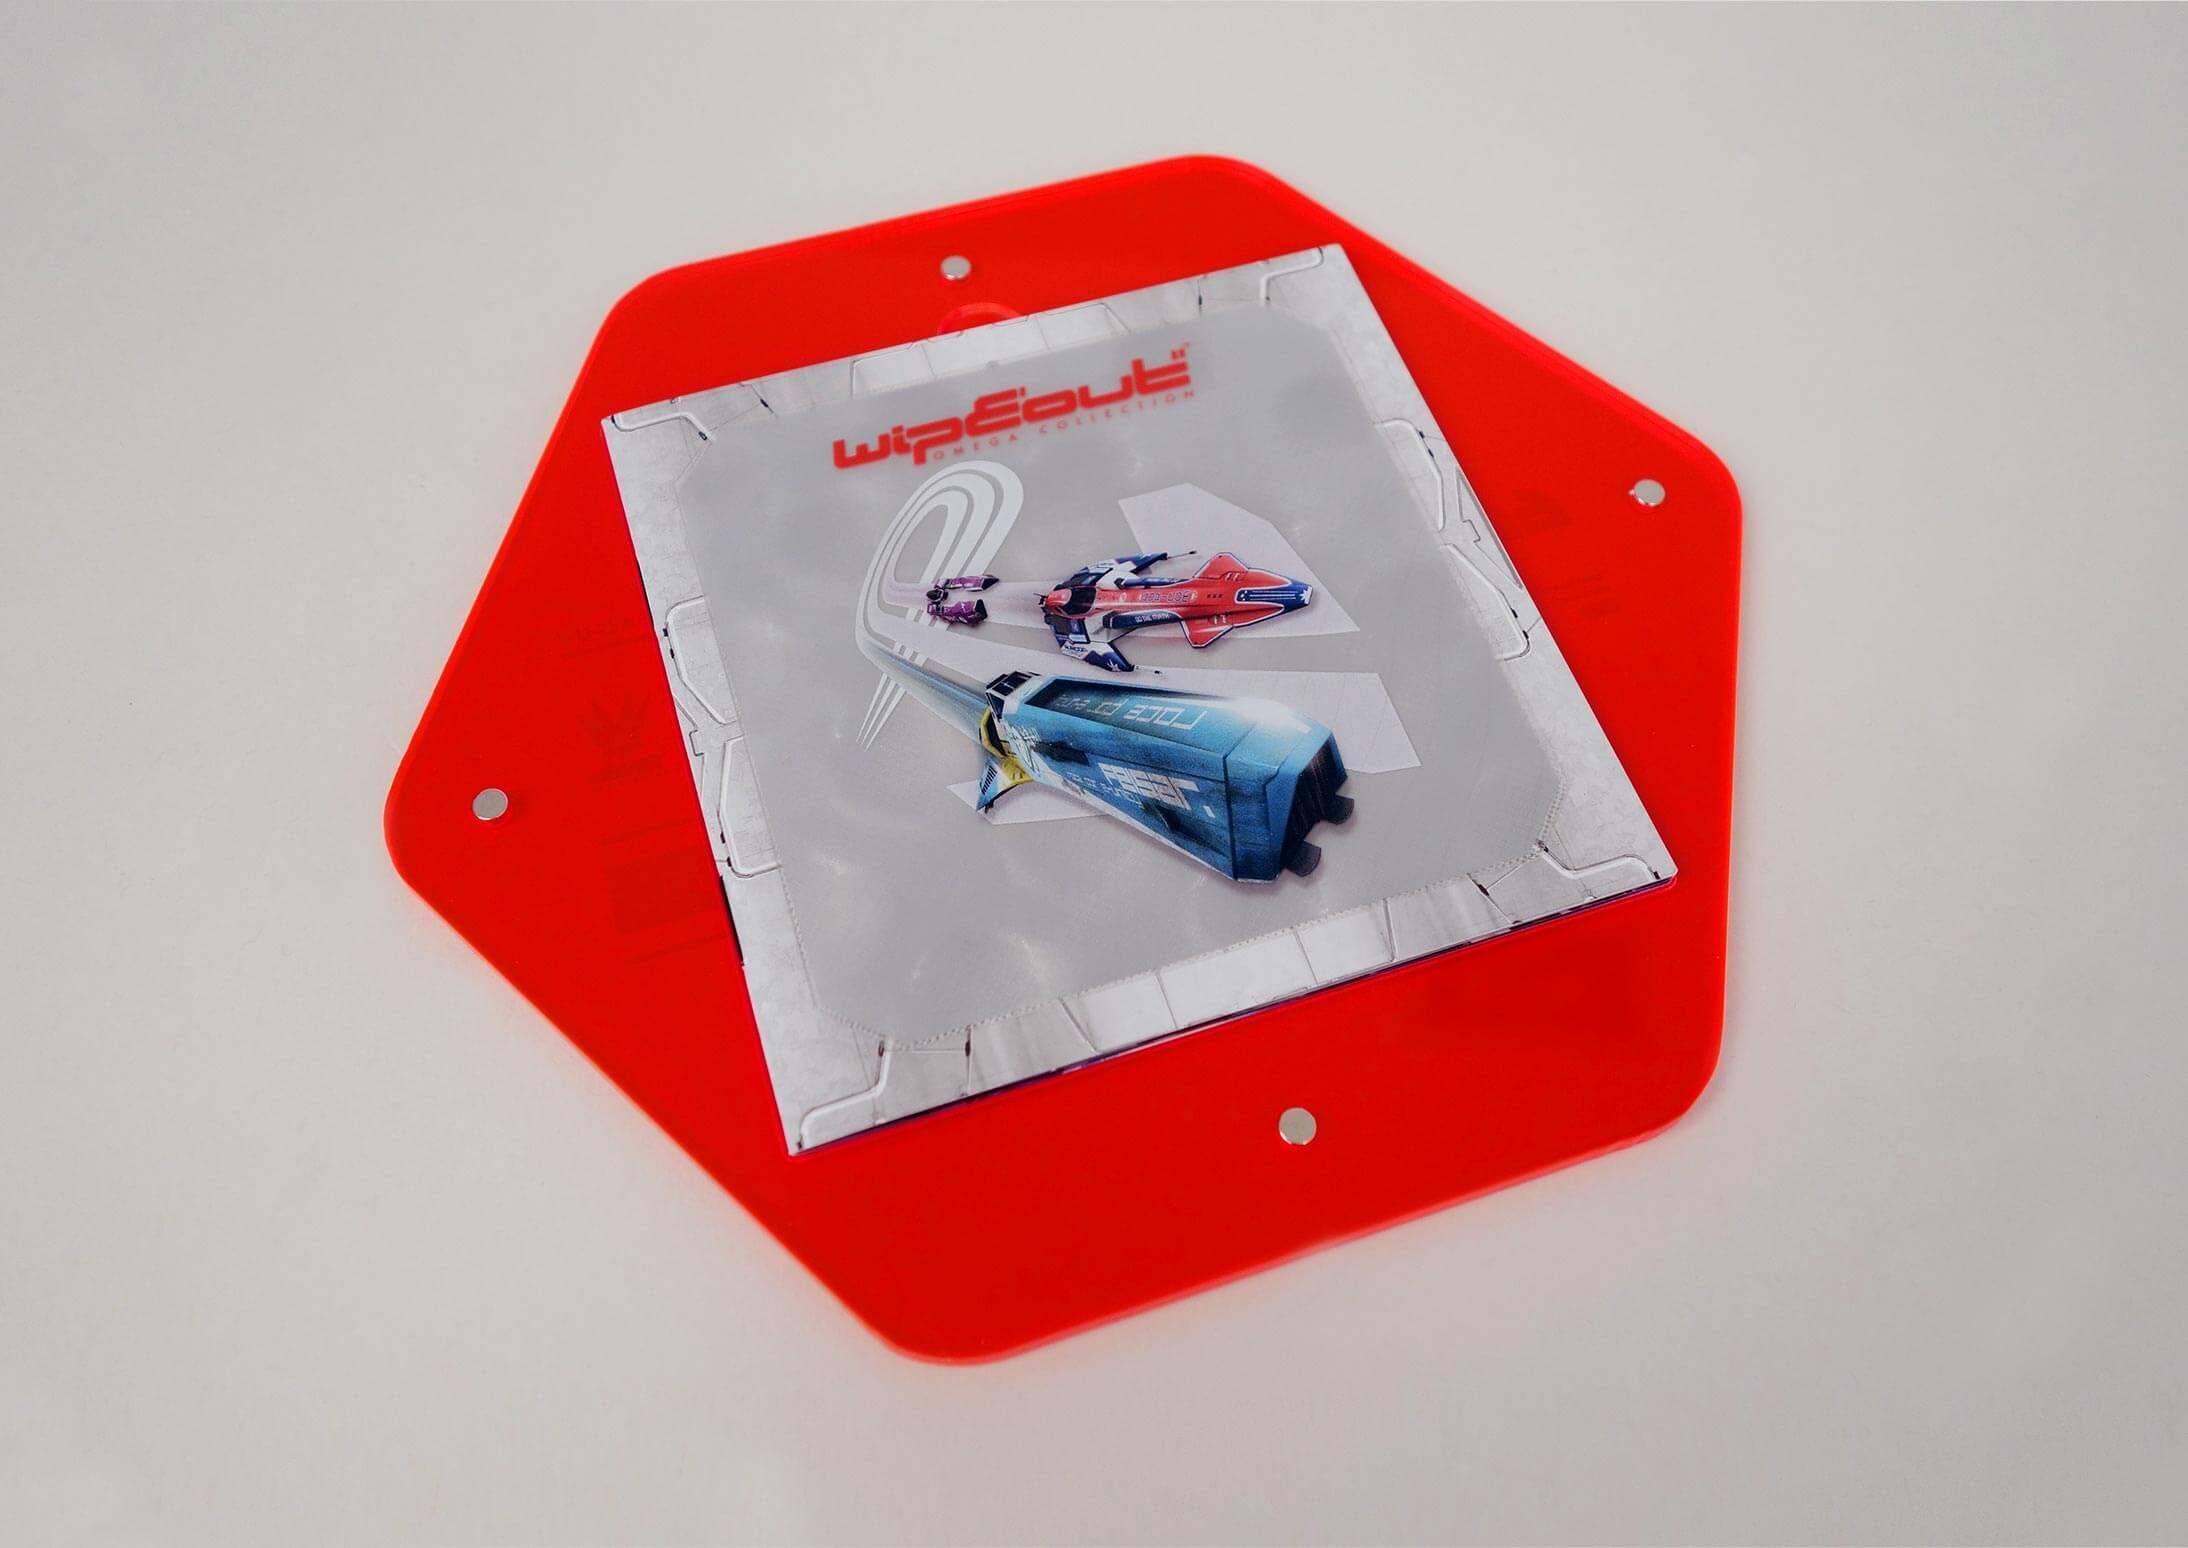 Wipeout Media Kit